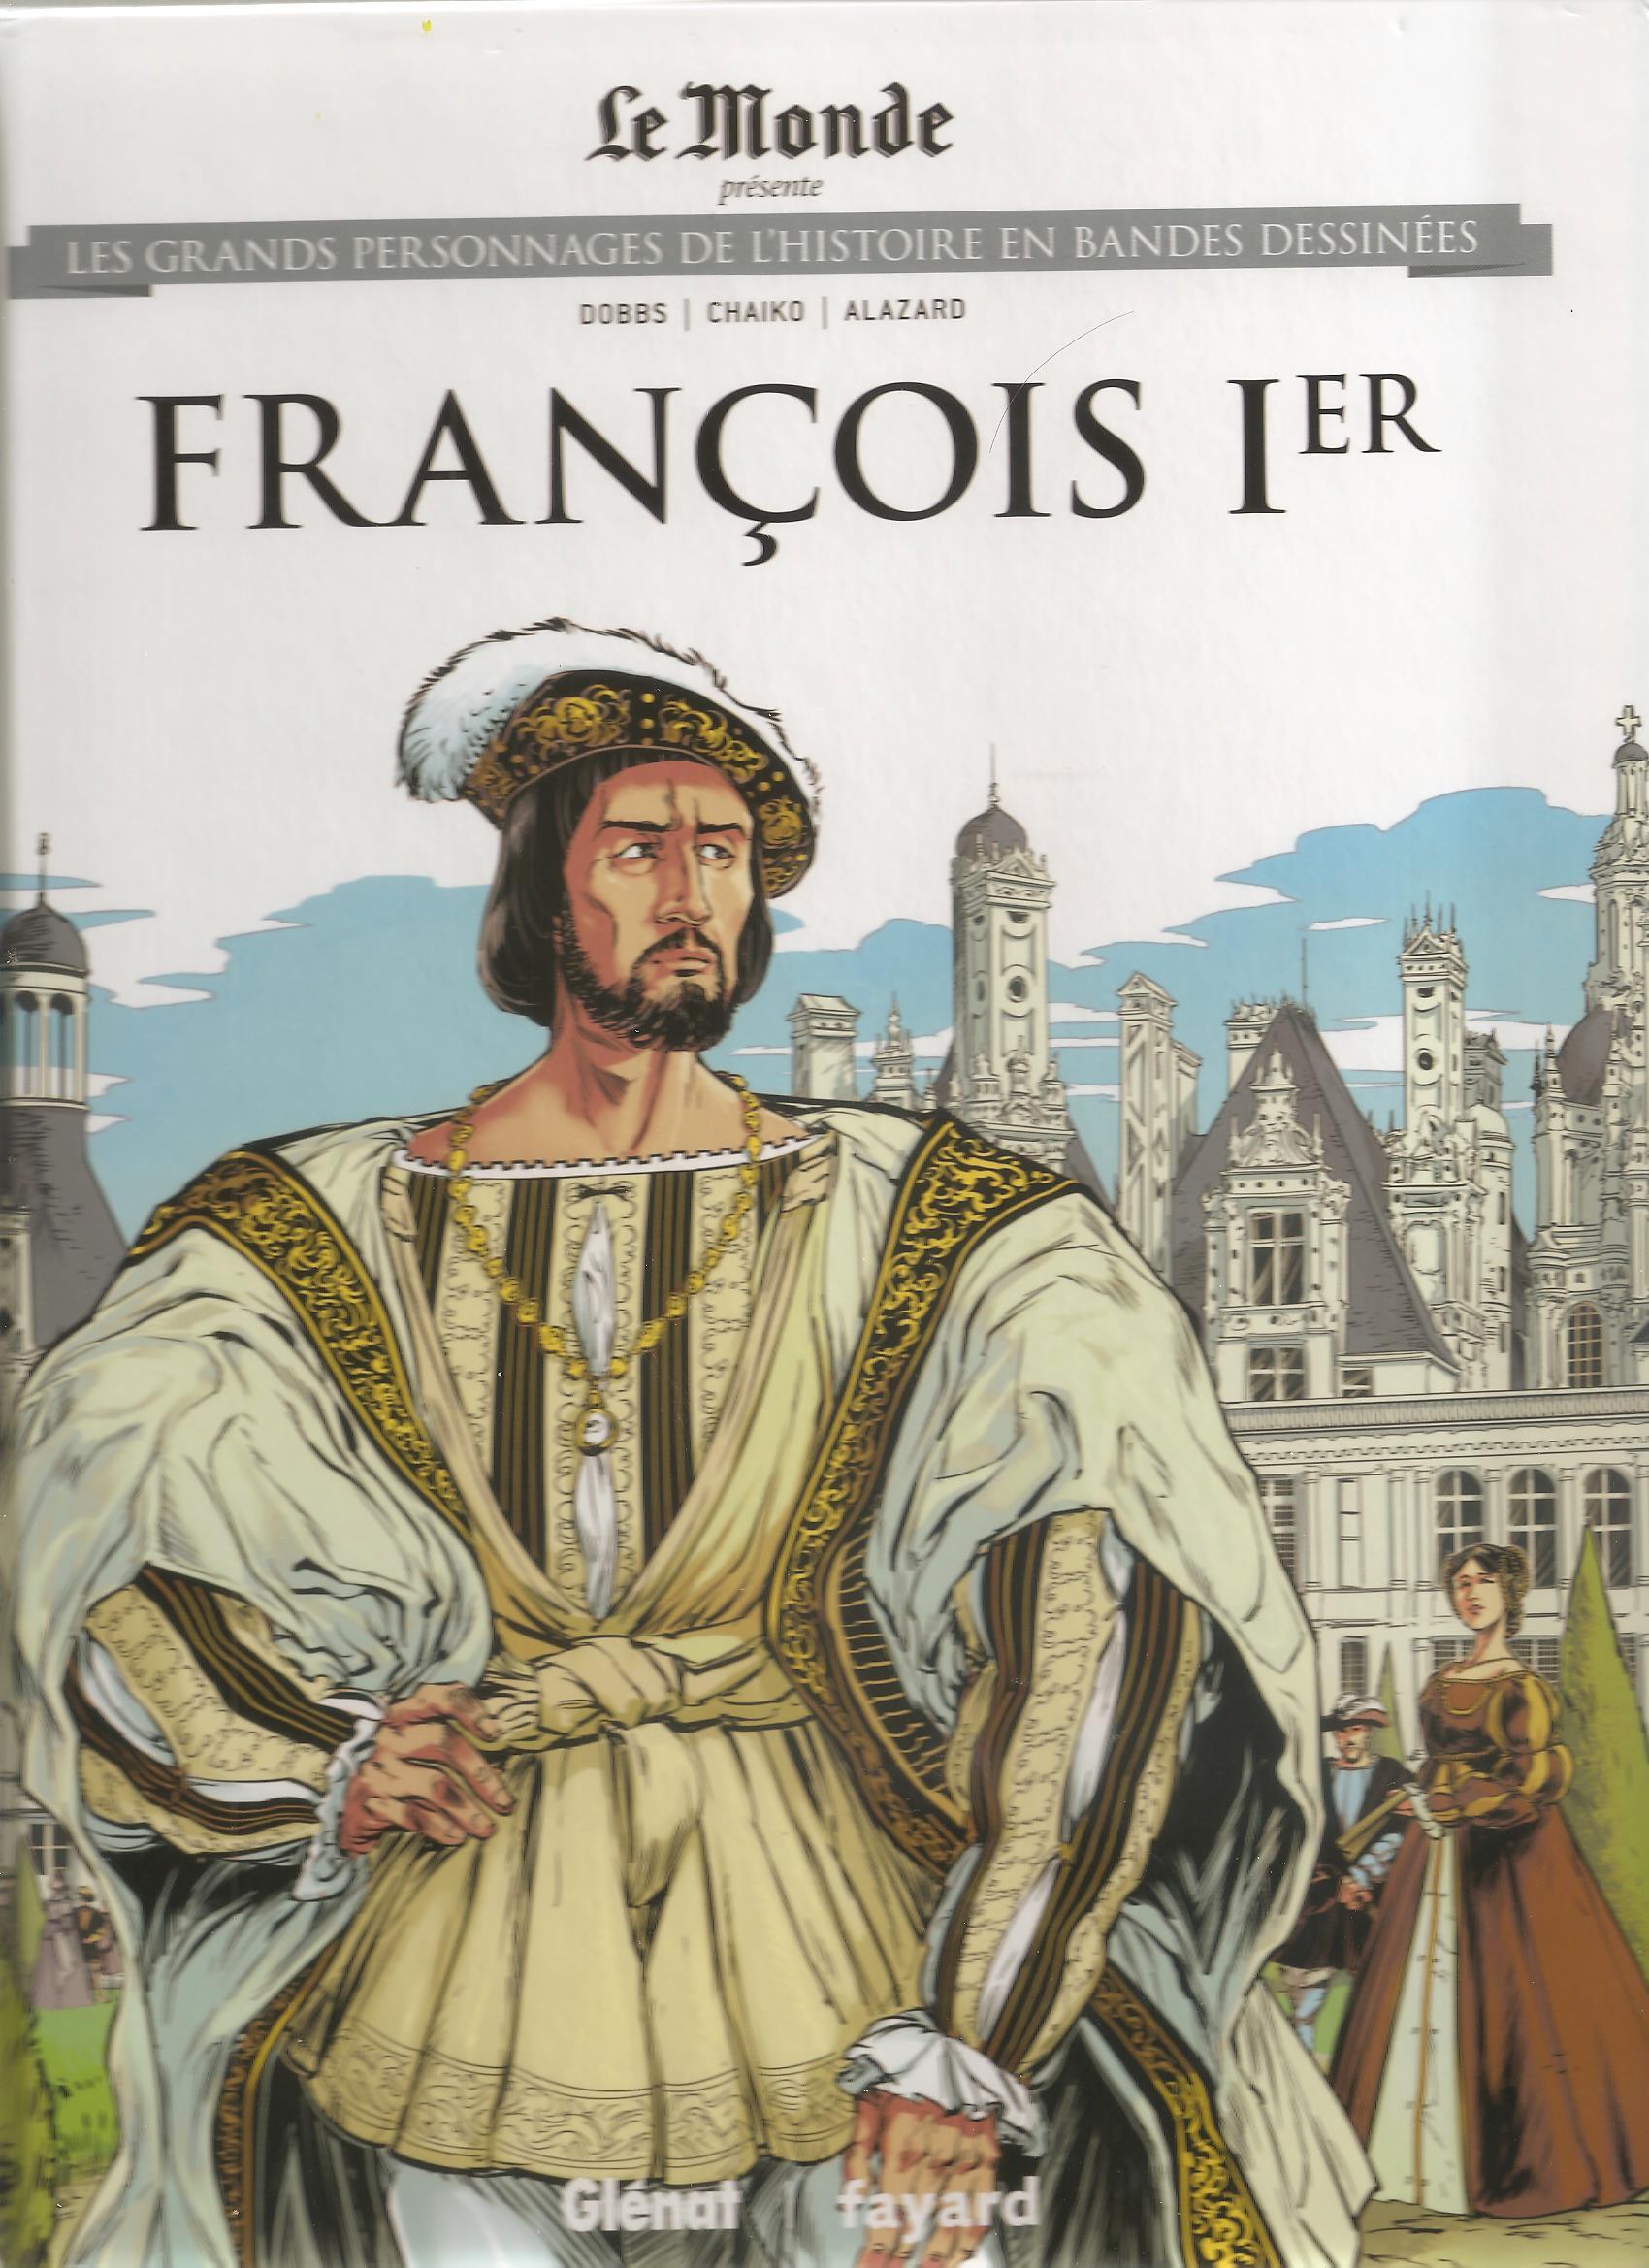 Les grands personnages de l'histoire en bandes dessinées 20 - FRANCOIS 1er